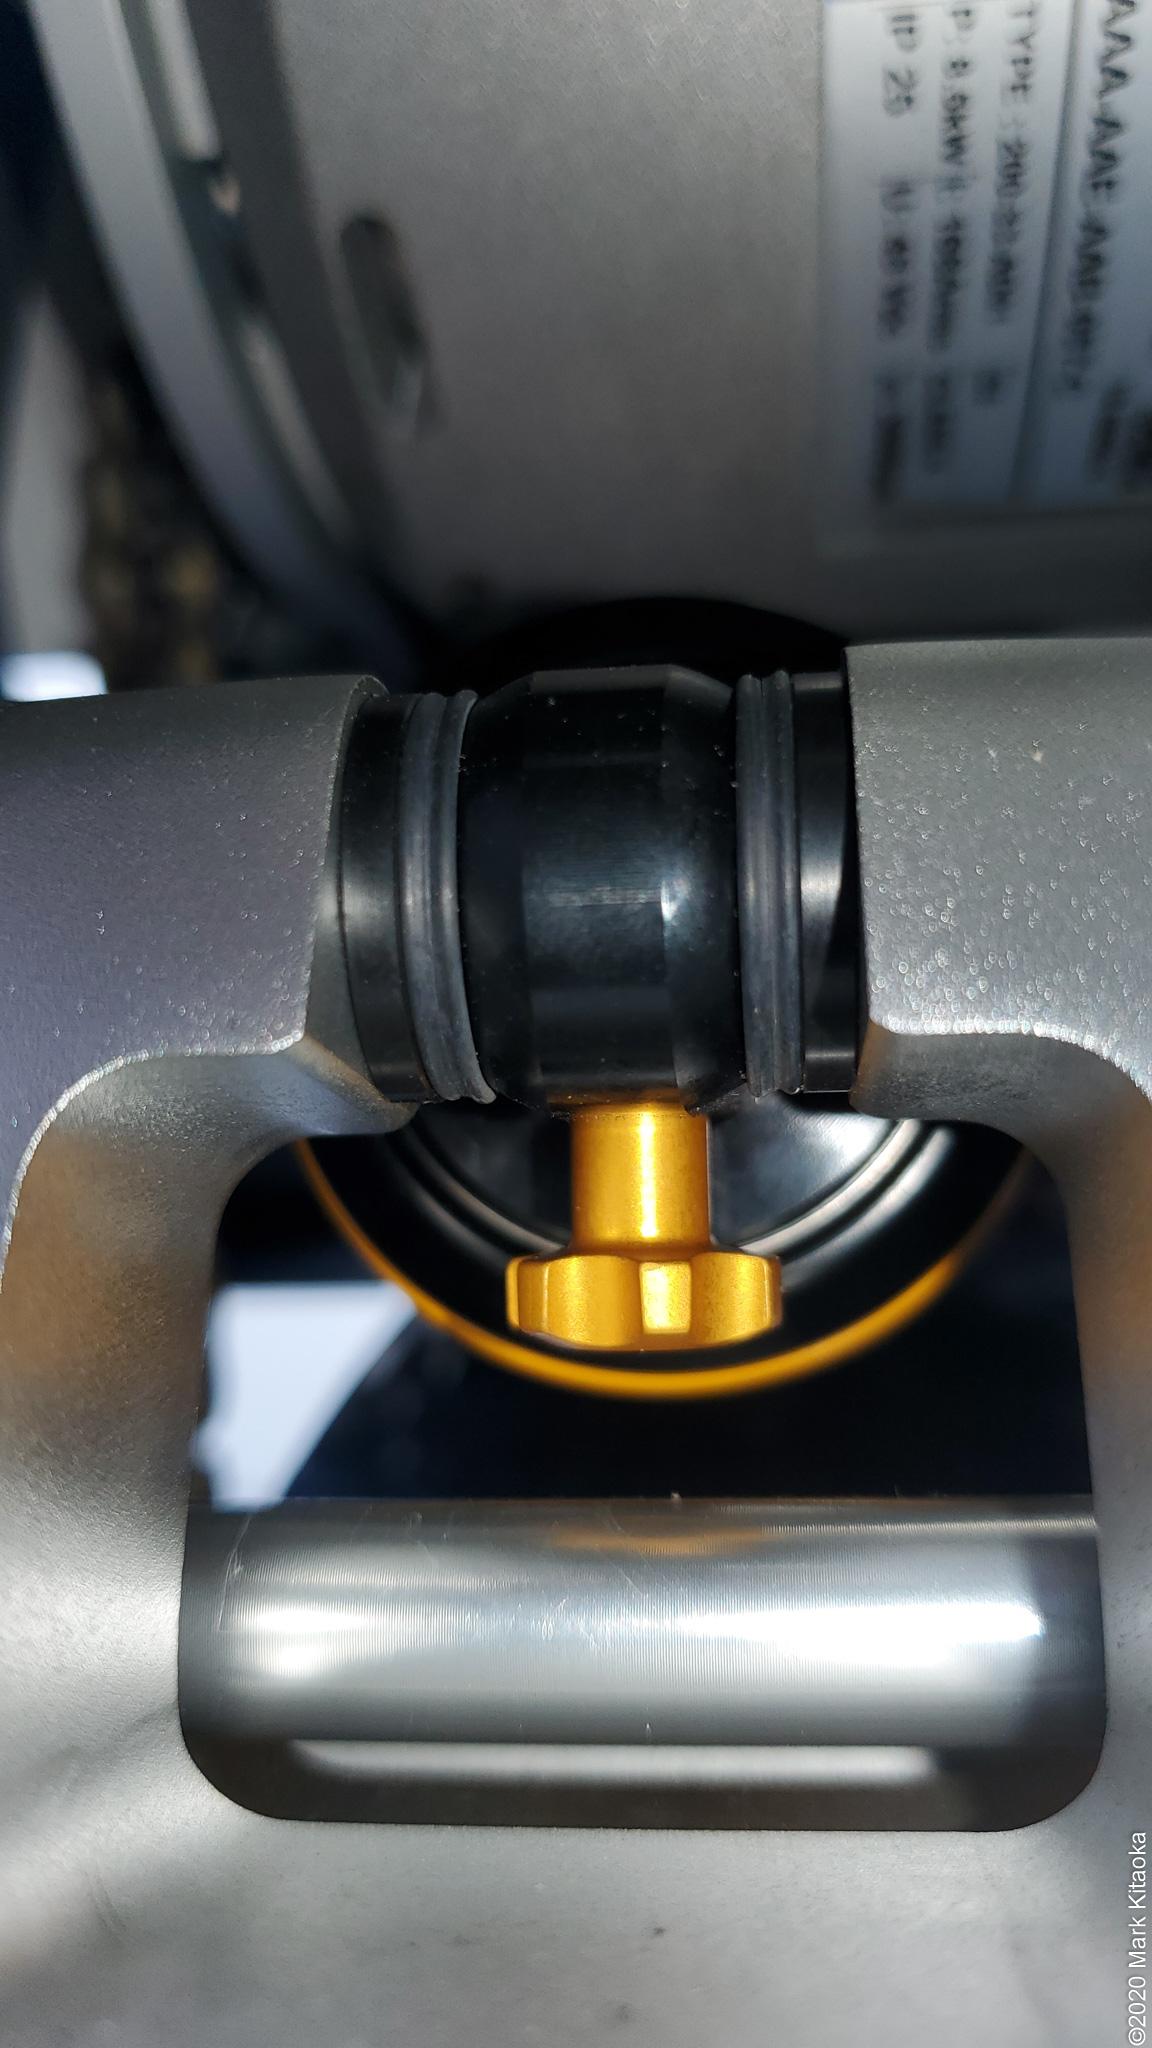 Close up of Ohlins adjustment knob